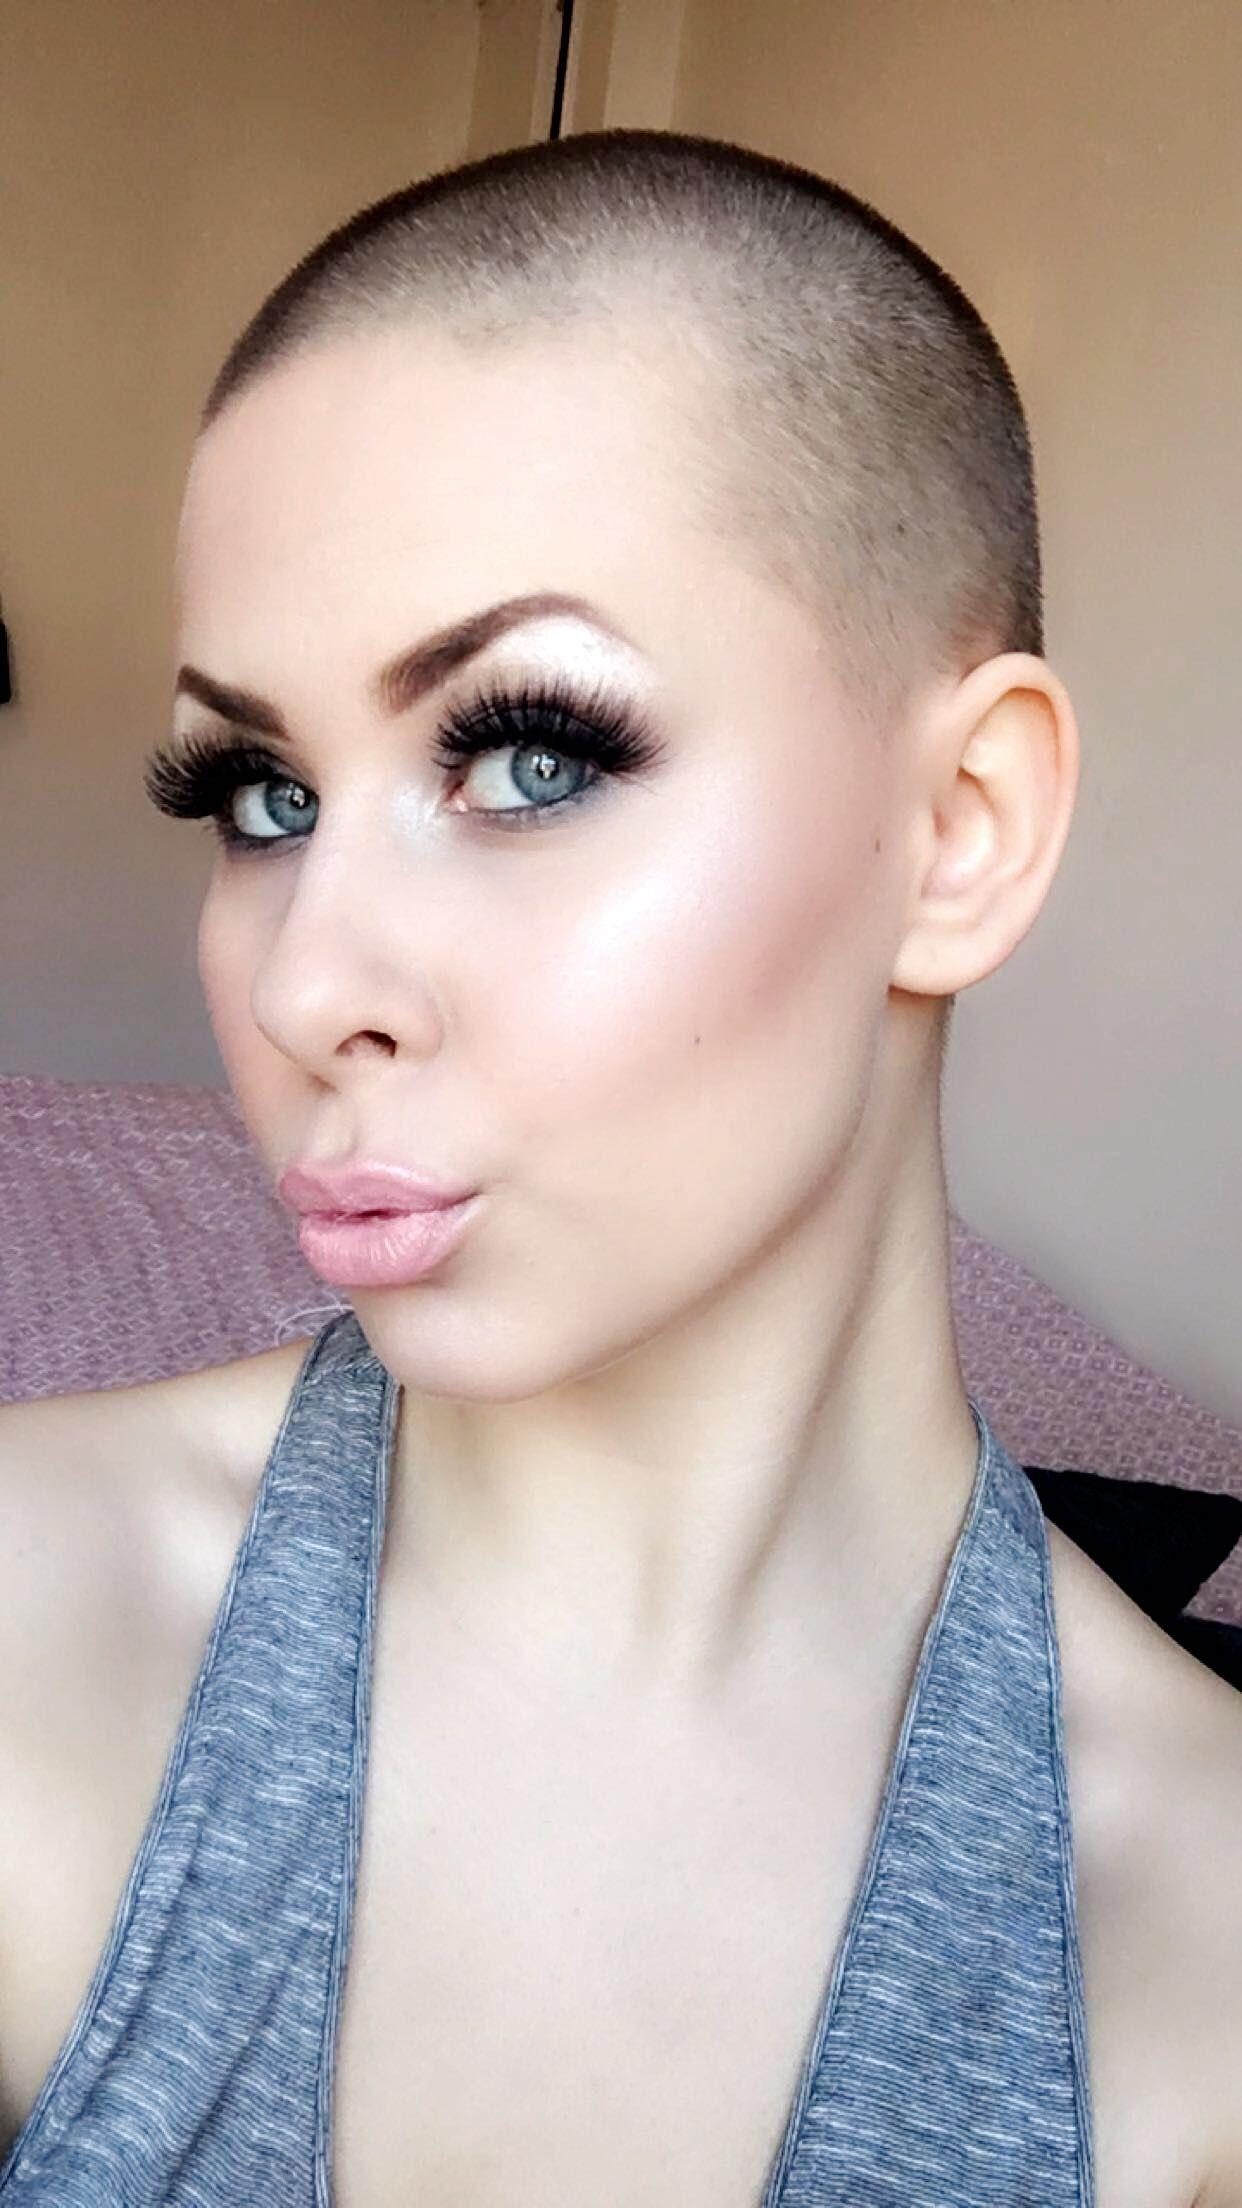 Bald cut hair shaved short woman